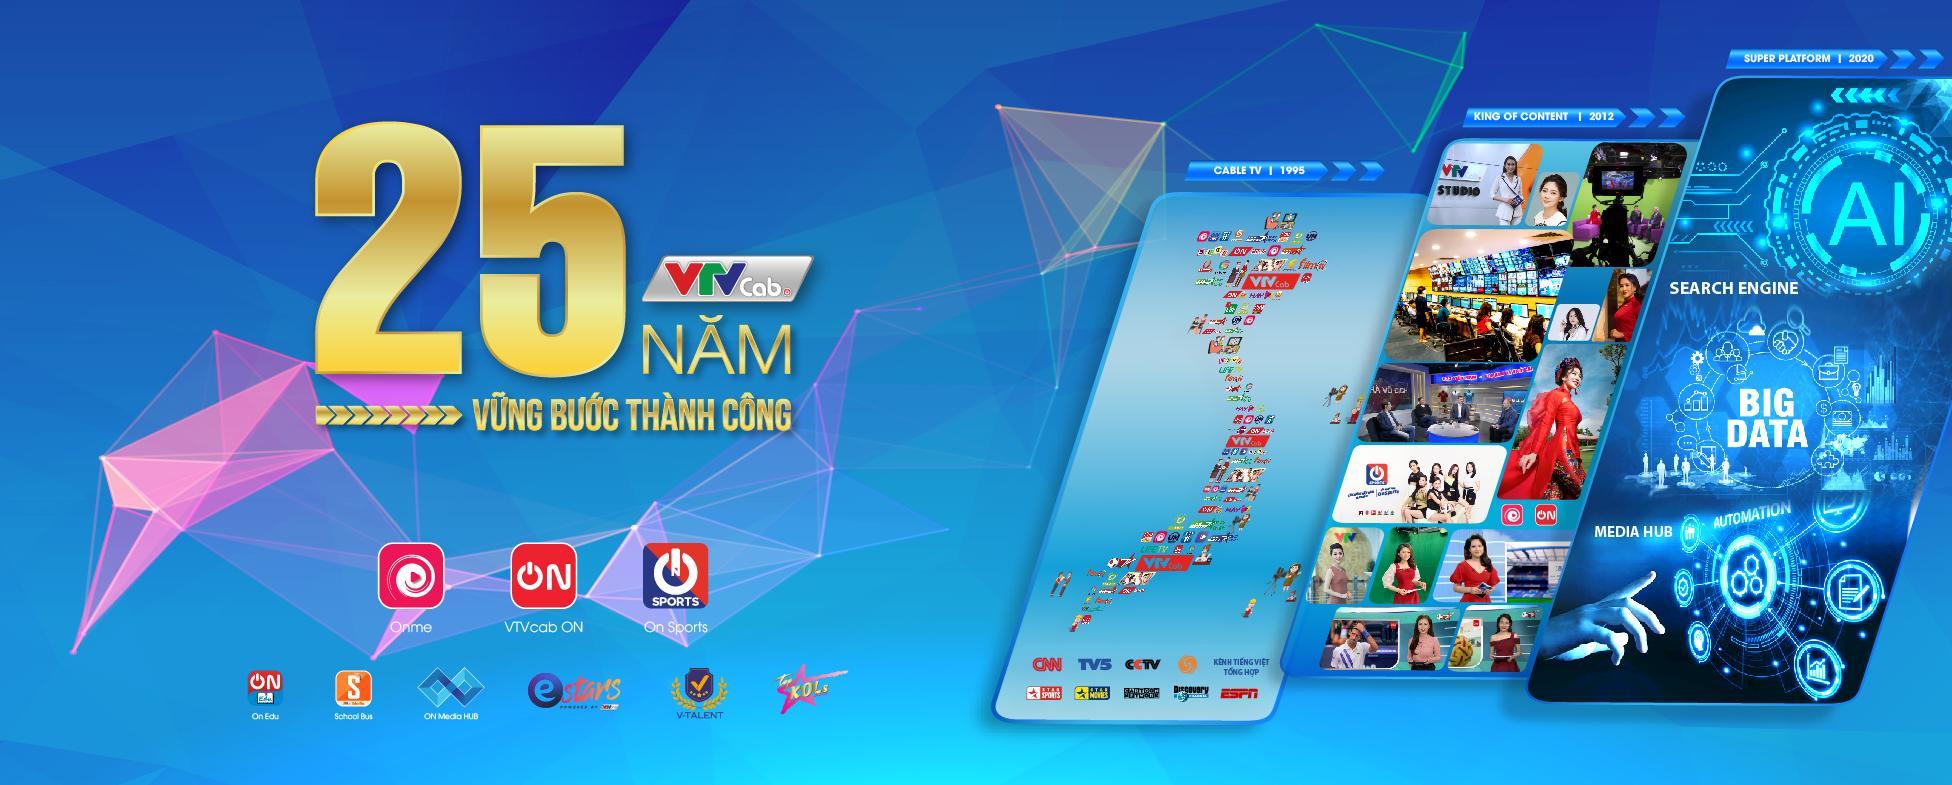 VTVCab 25 năm luôn vững bước thành công.